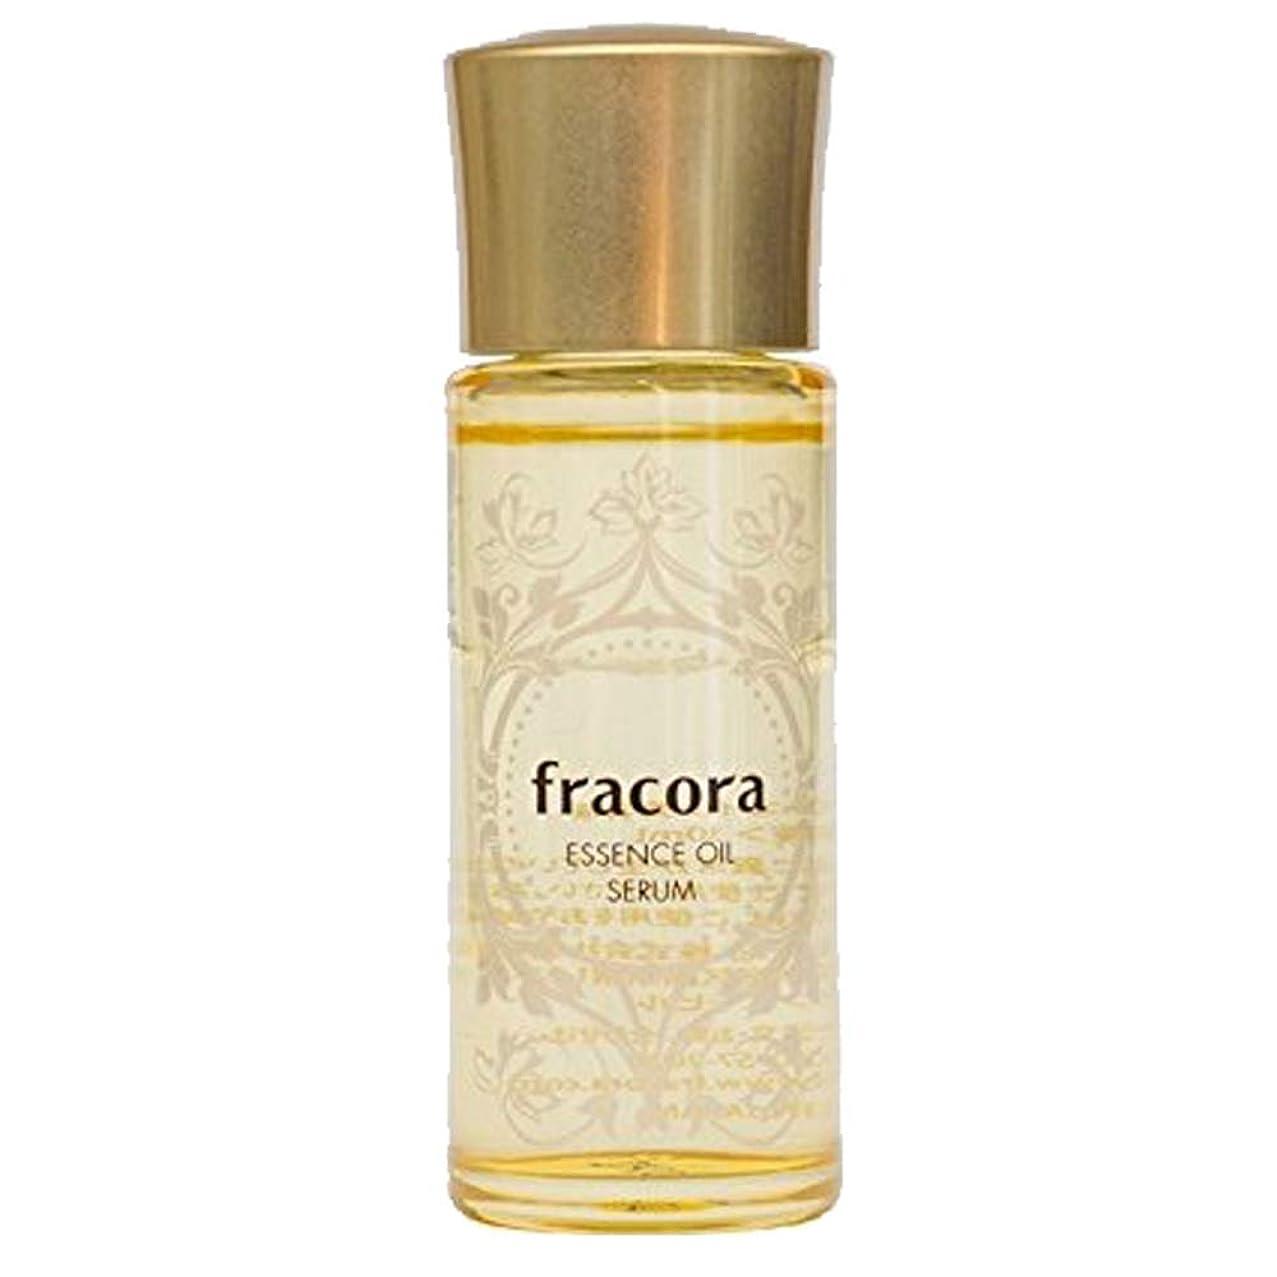 膿瘍考える解釈するfracora(フラコラ) エッセンスオイル美容液 30mL